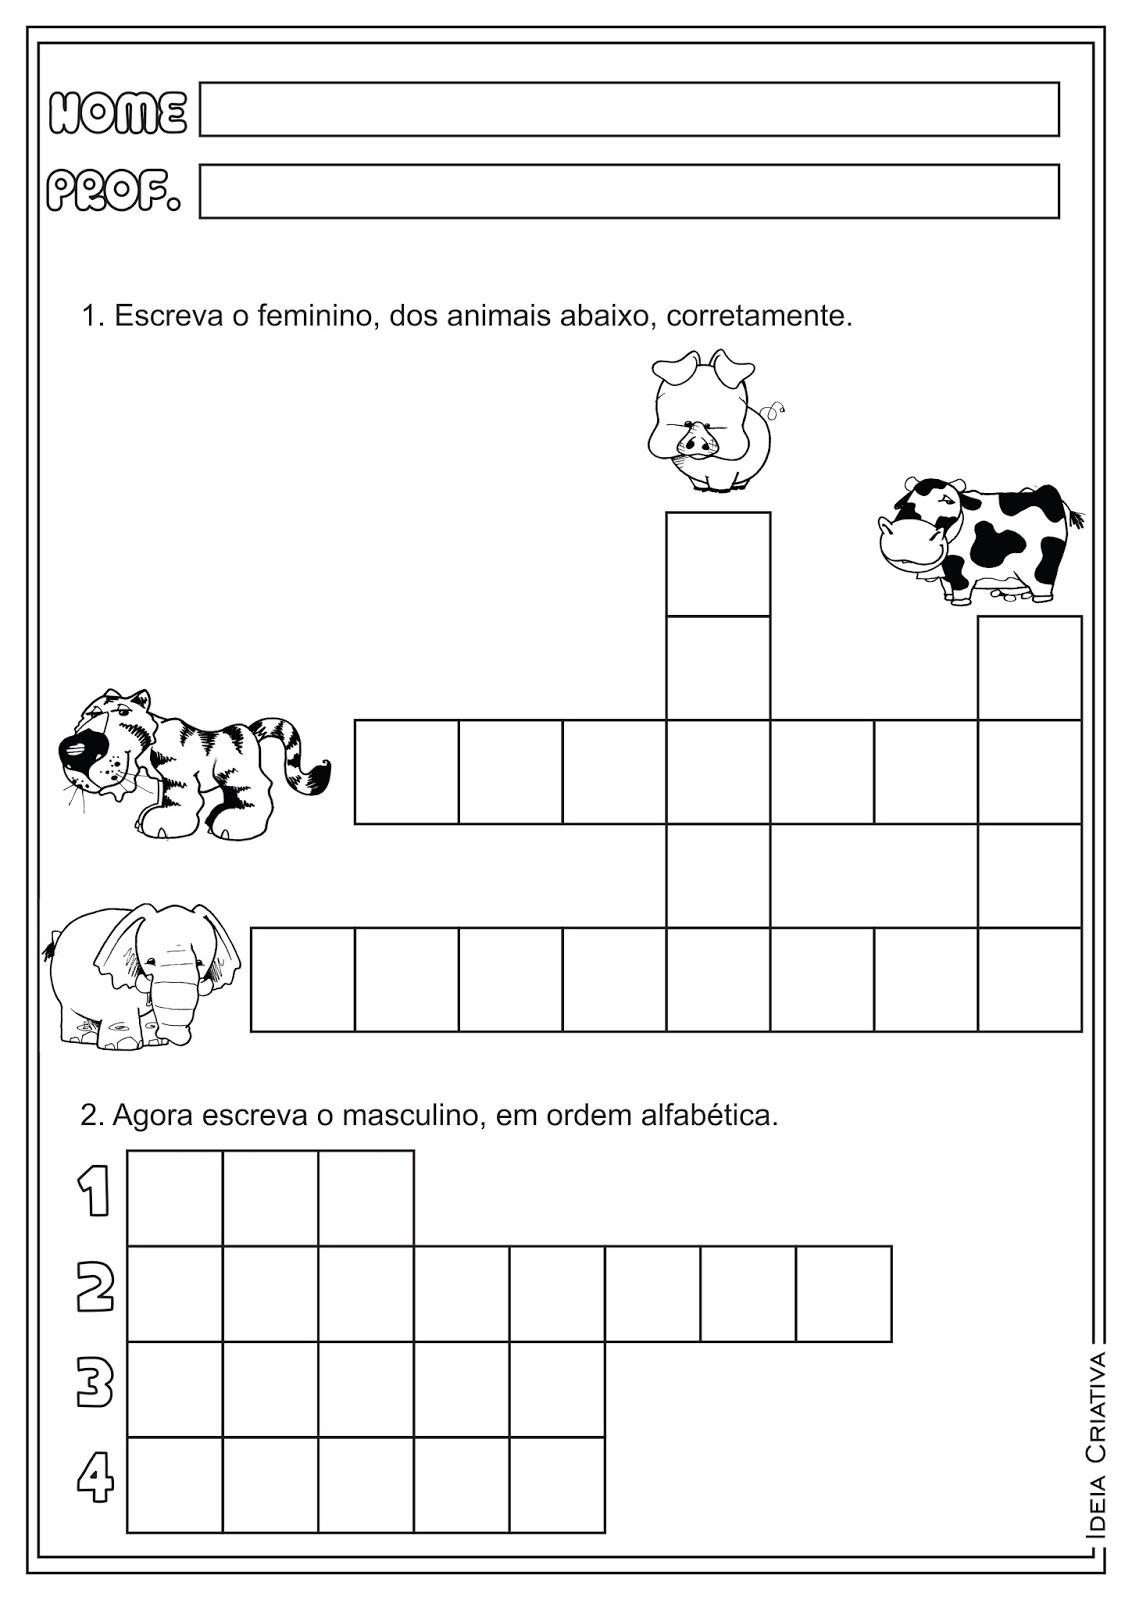 atividades-educativas-feminino-e-masculino-substantivo-comum-de-dois-generos-lingua-portuguesa-ideia-criativa-ensino-fundamental (2)